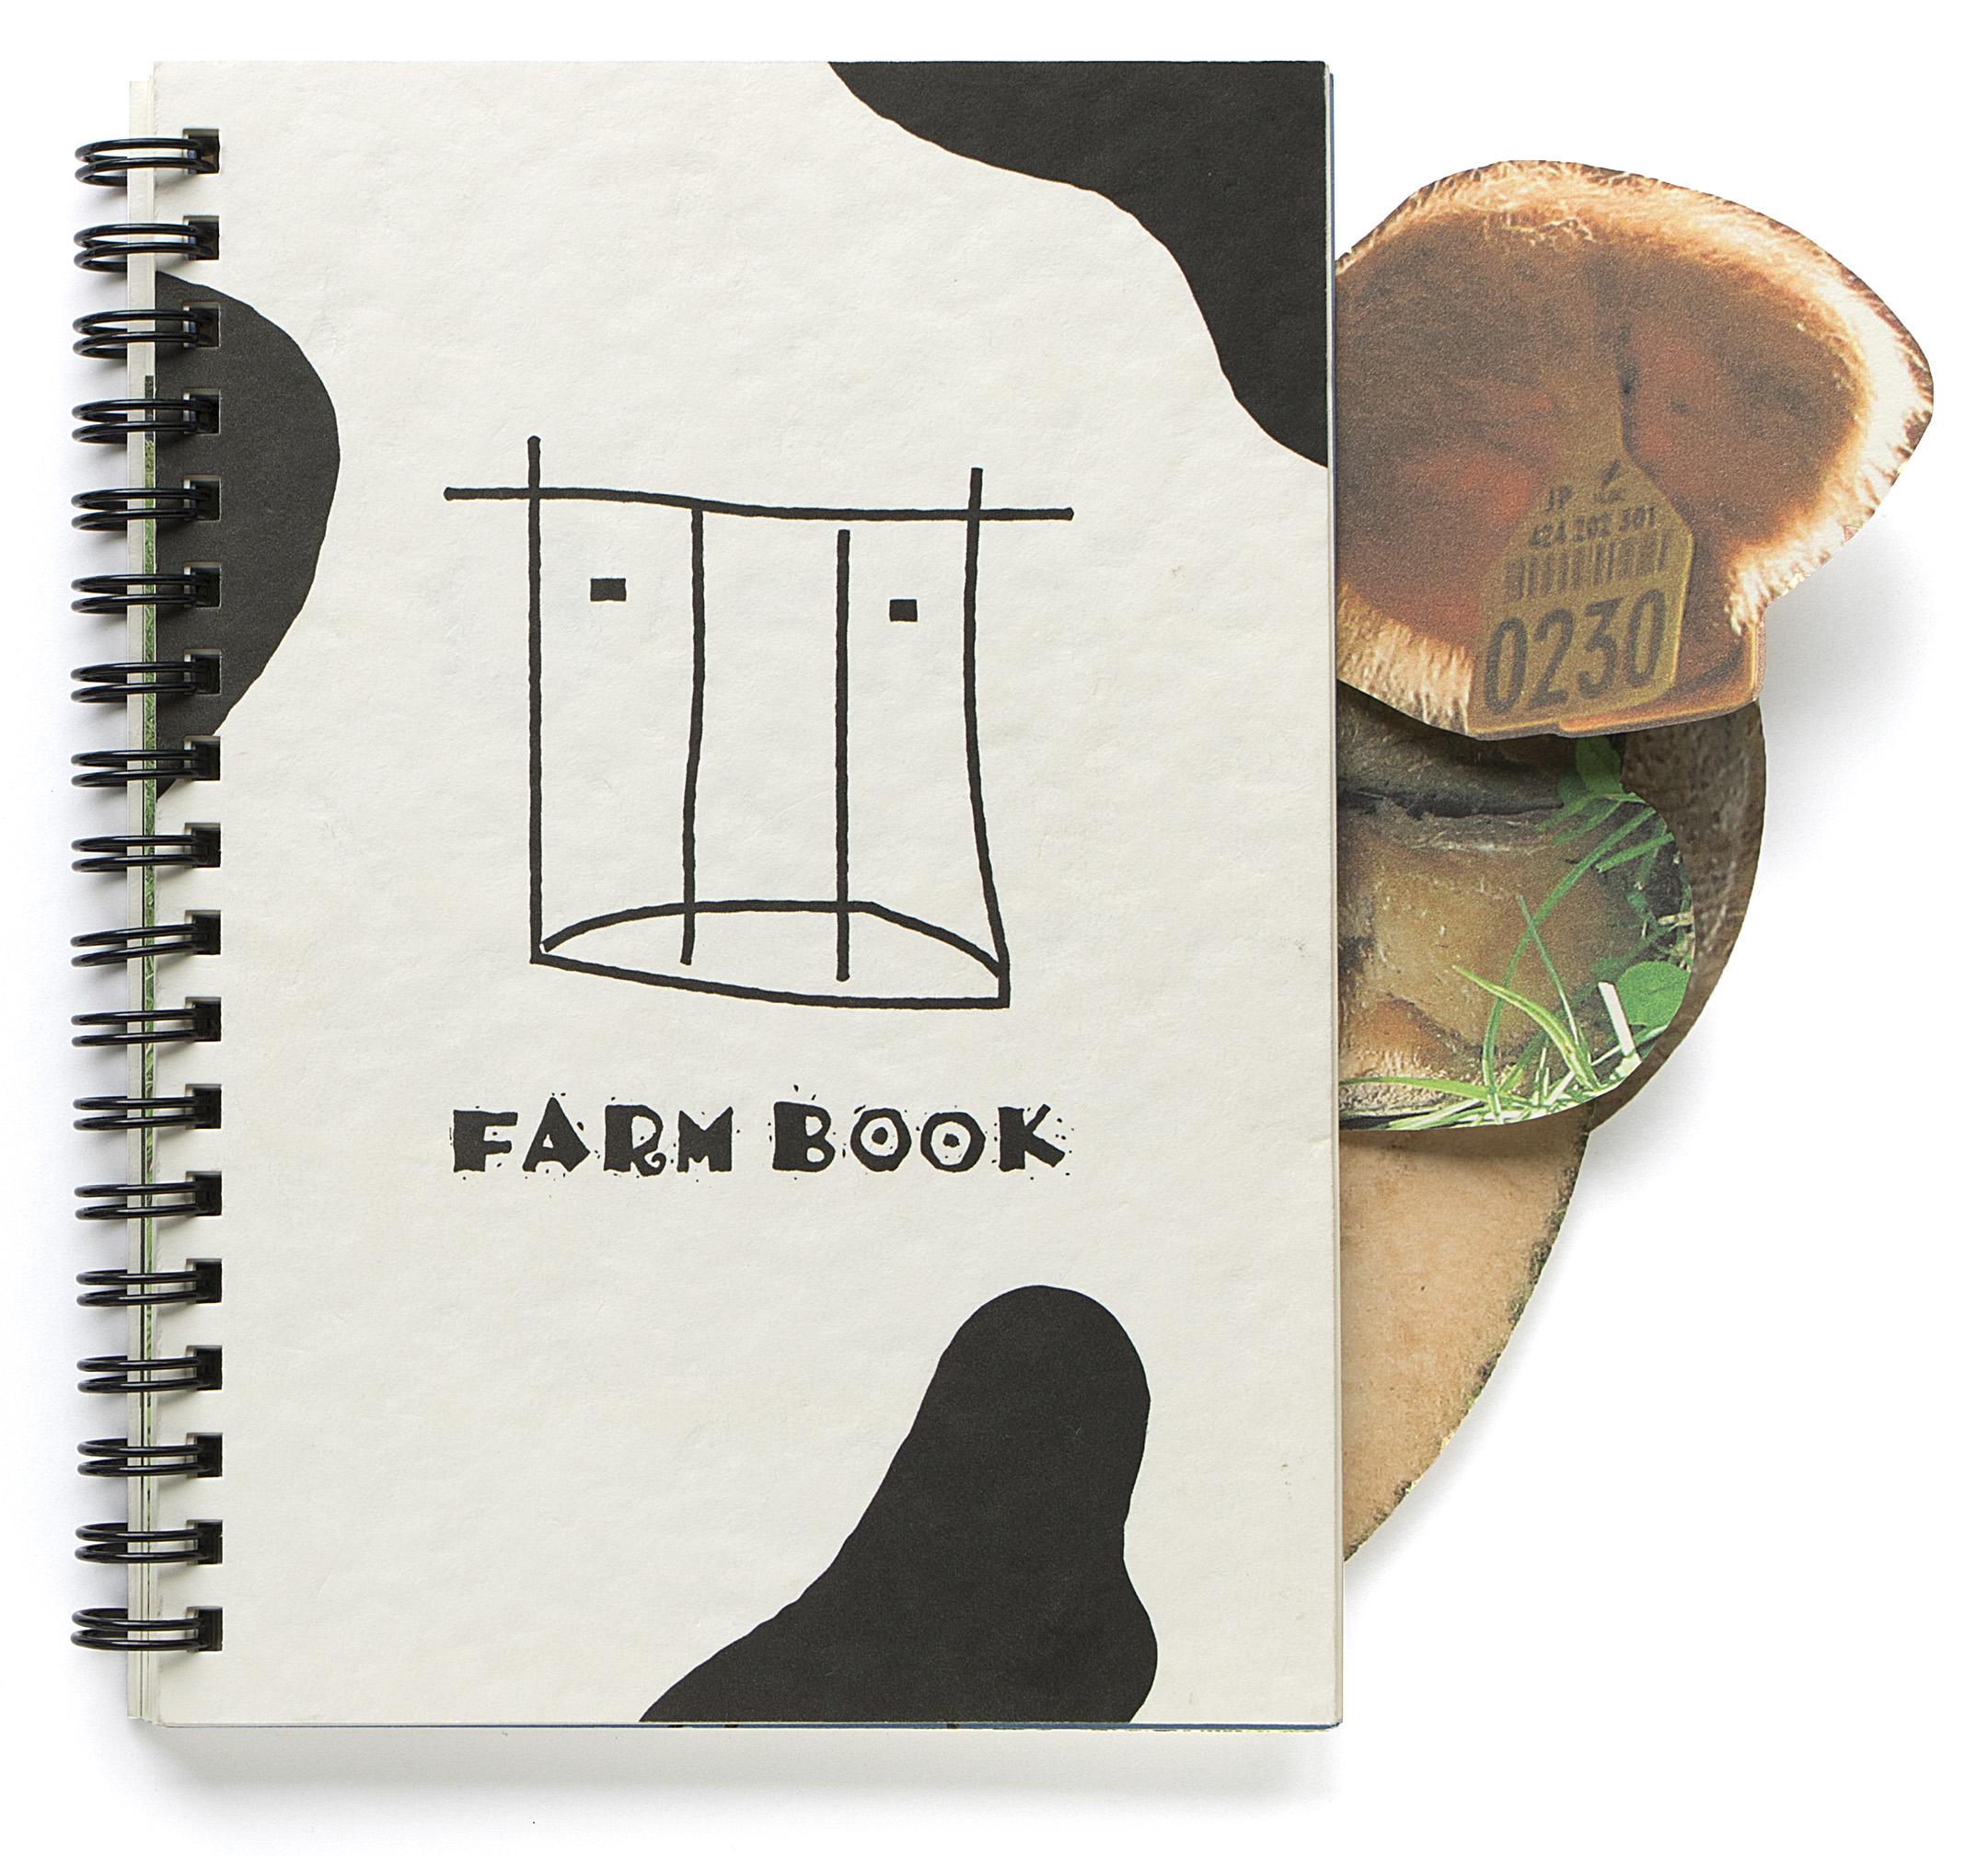 FARM BOOK, Farm Takara